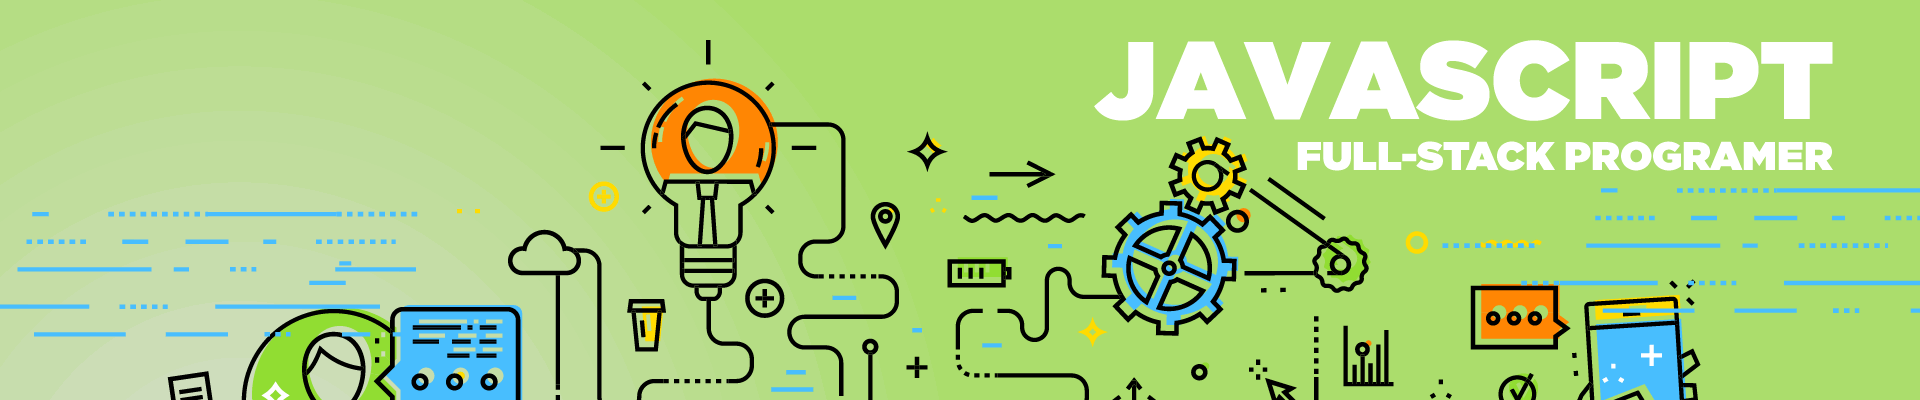 Full-stack programer (JavaScript)